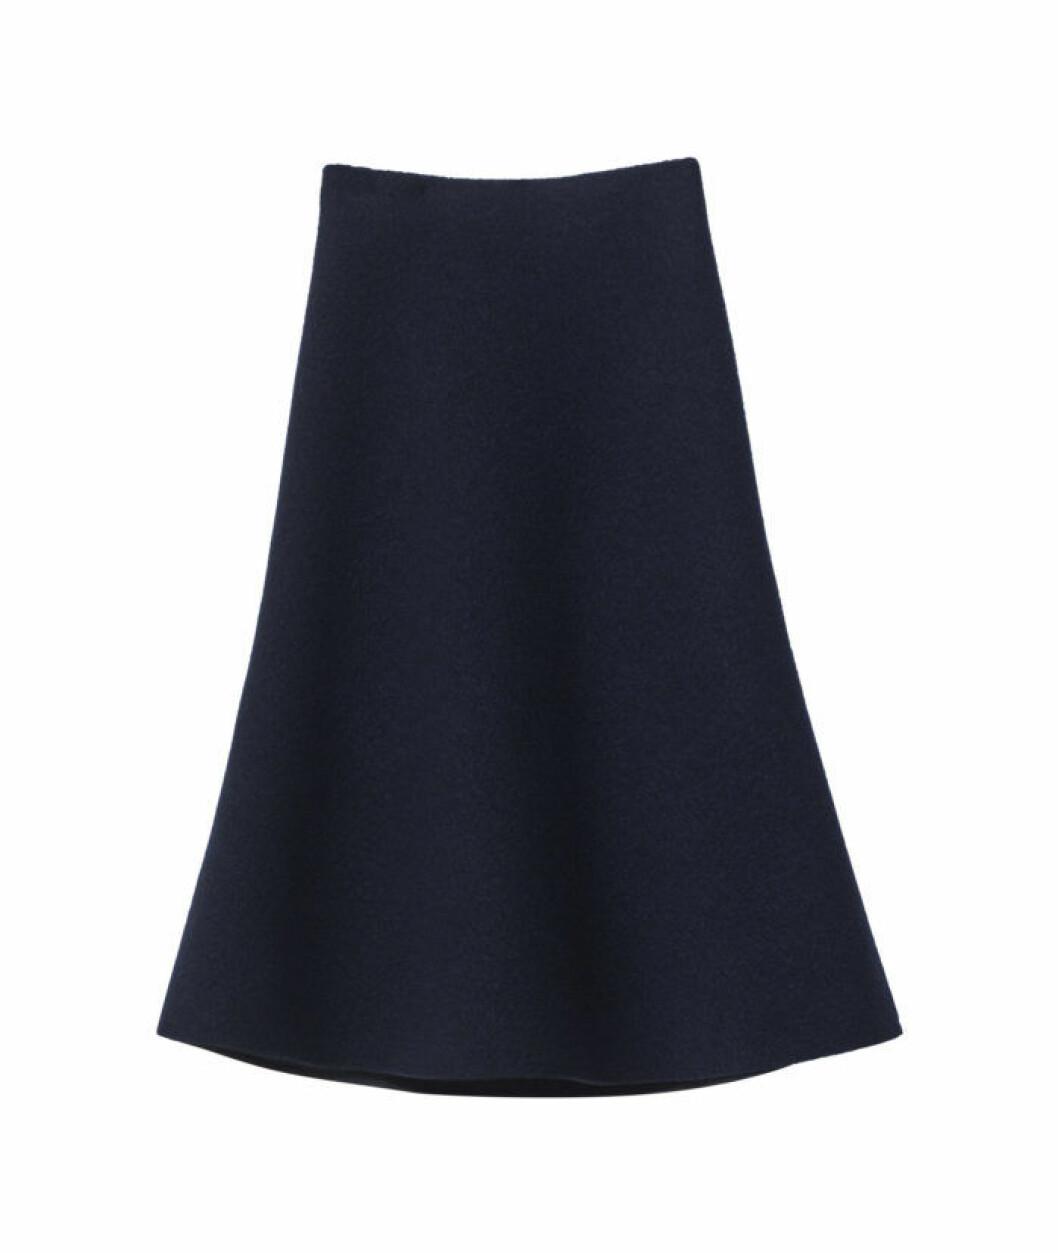 mörkblå kjol h&m studio aw18